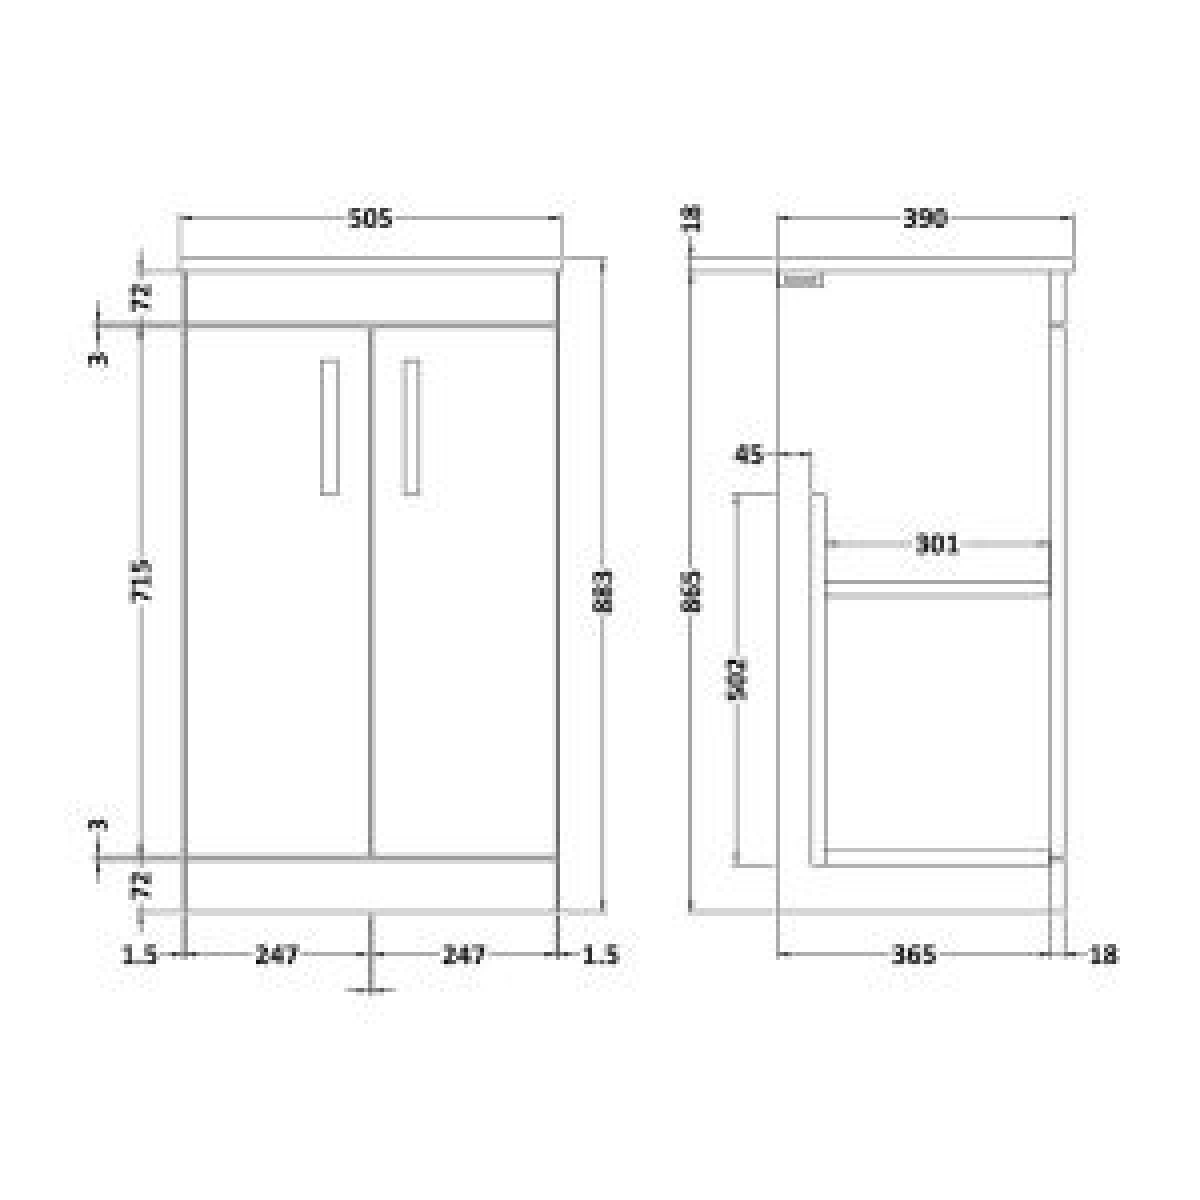 Nuie Athena Gloss Grey Mist 2 Door Floor Standing Vanity Unit with 18mm Worktop 500mm Line Drawing